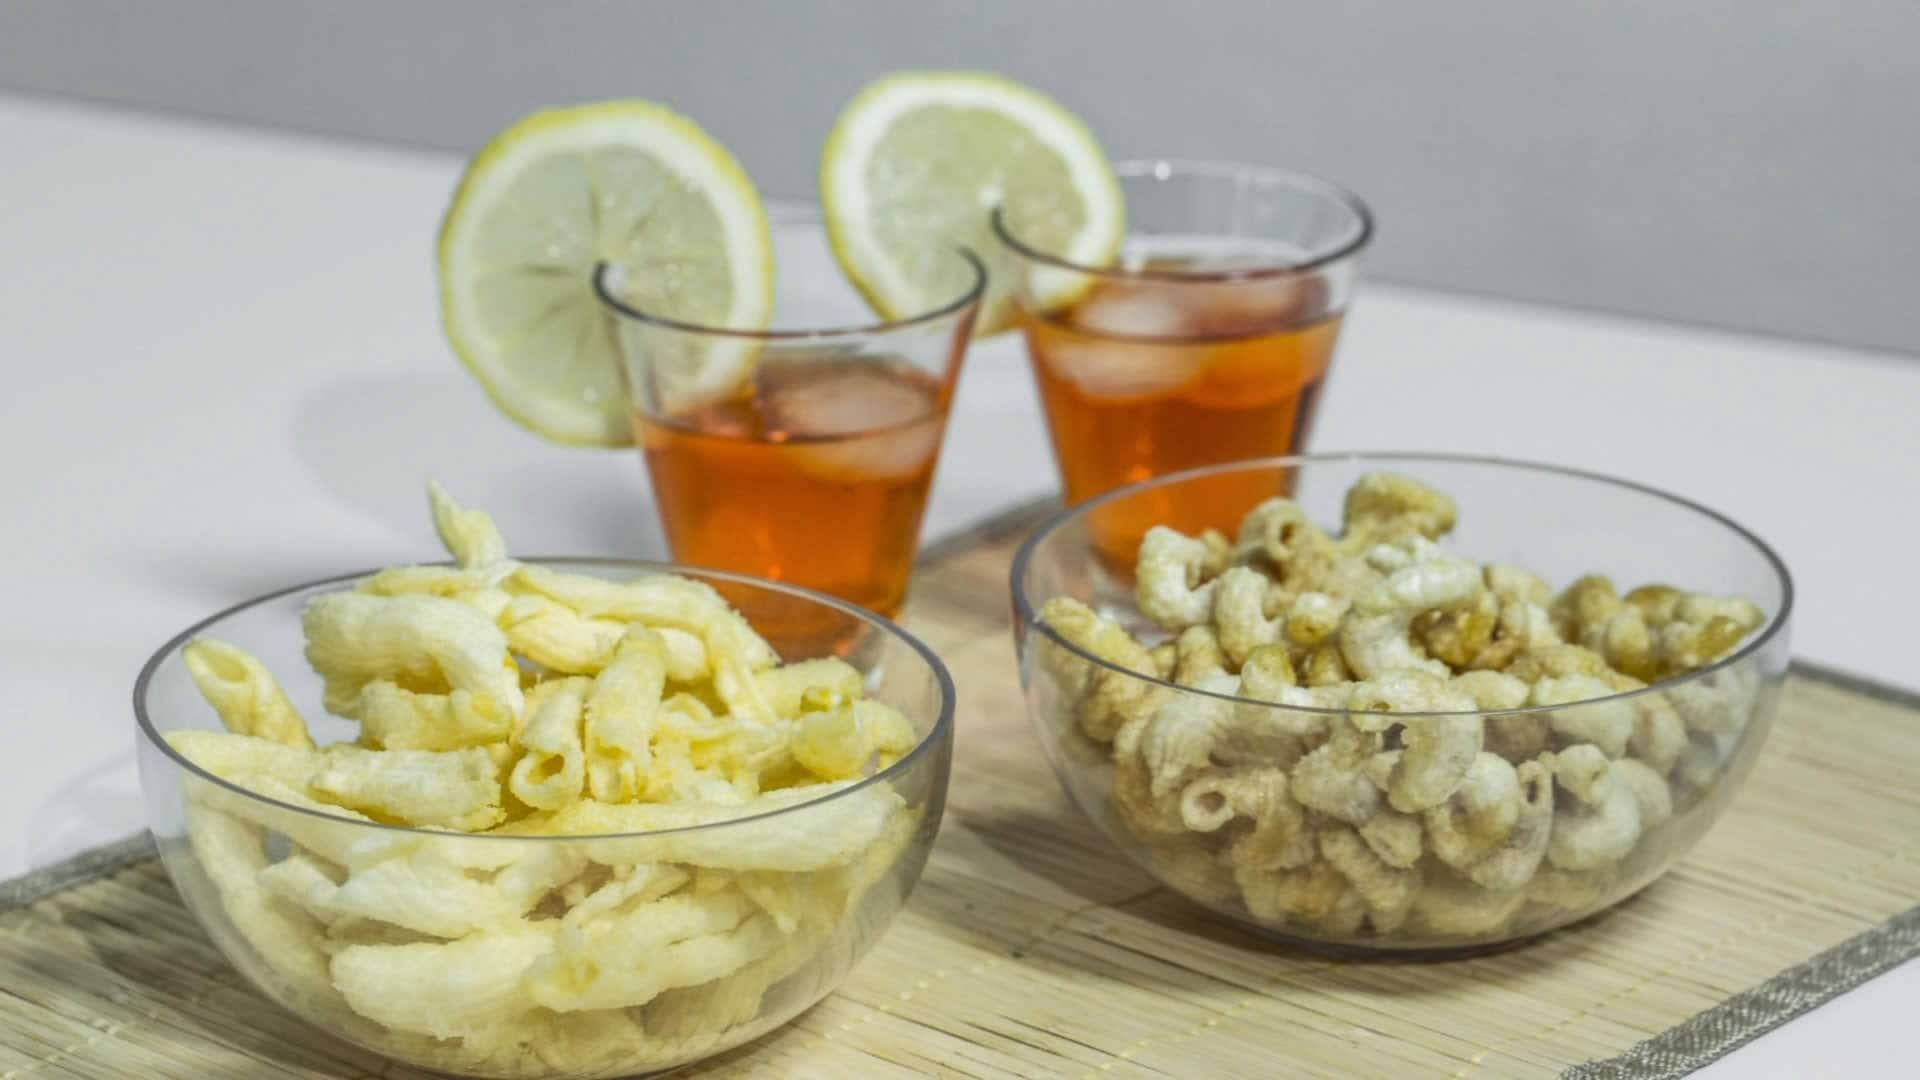 Foto Snack Tipo Fonzies, Dixi, Patatine Chips - Ricetta per Farli in Casa